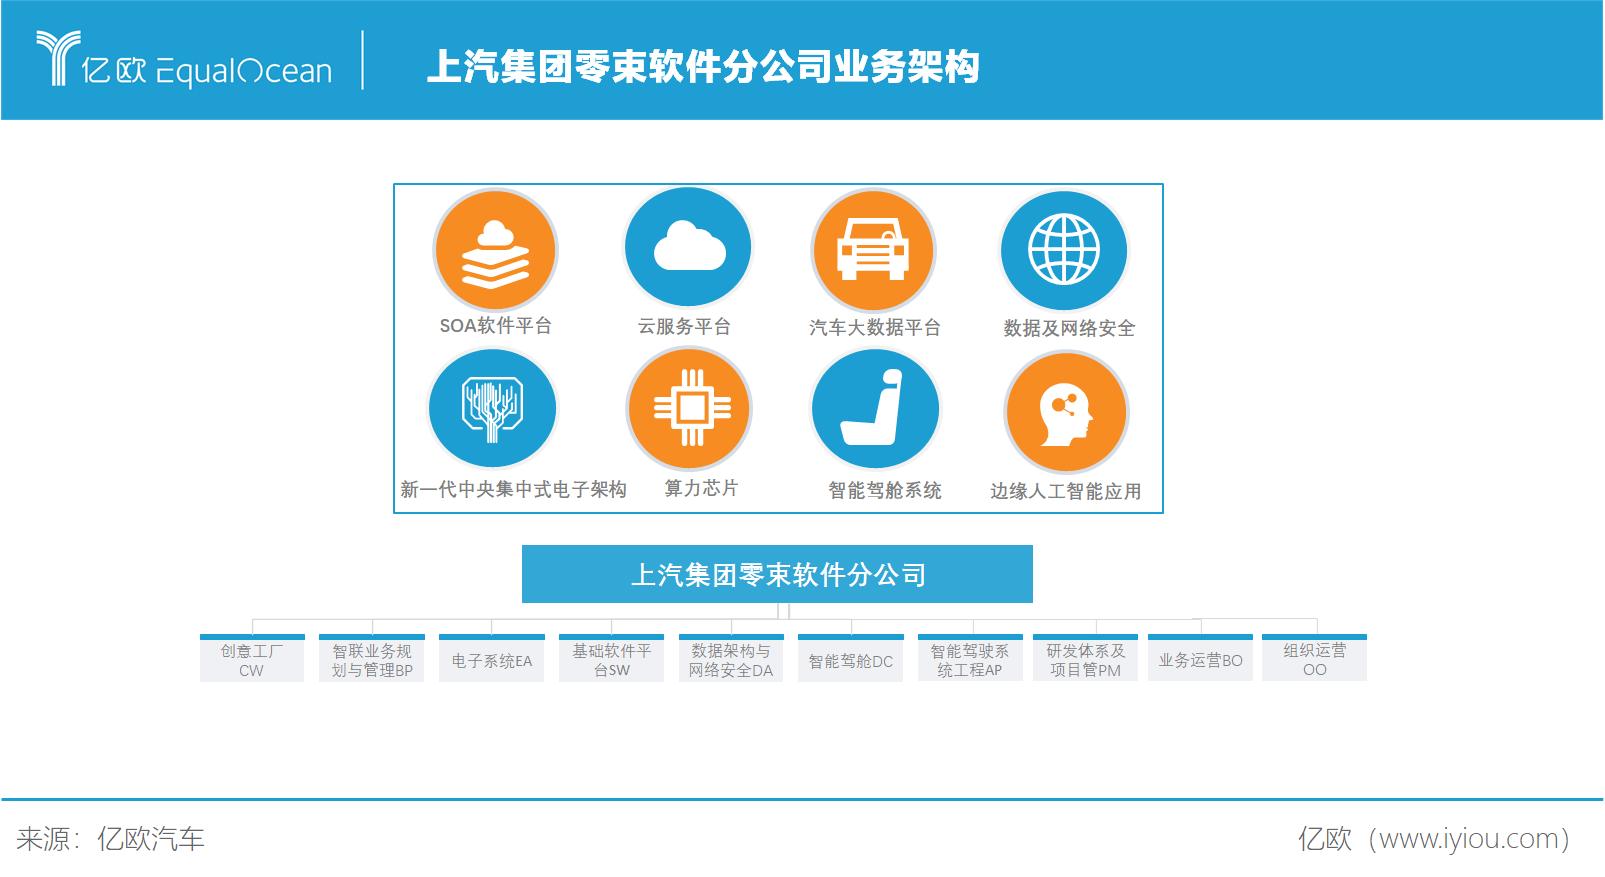 上汽集团零束软件分公司业务架构